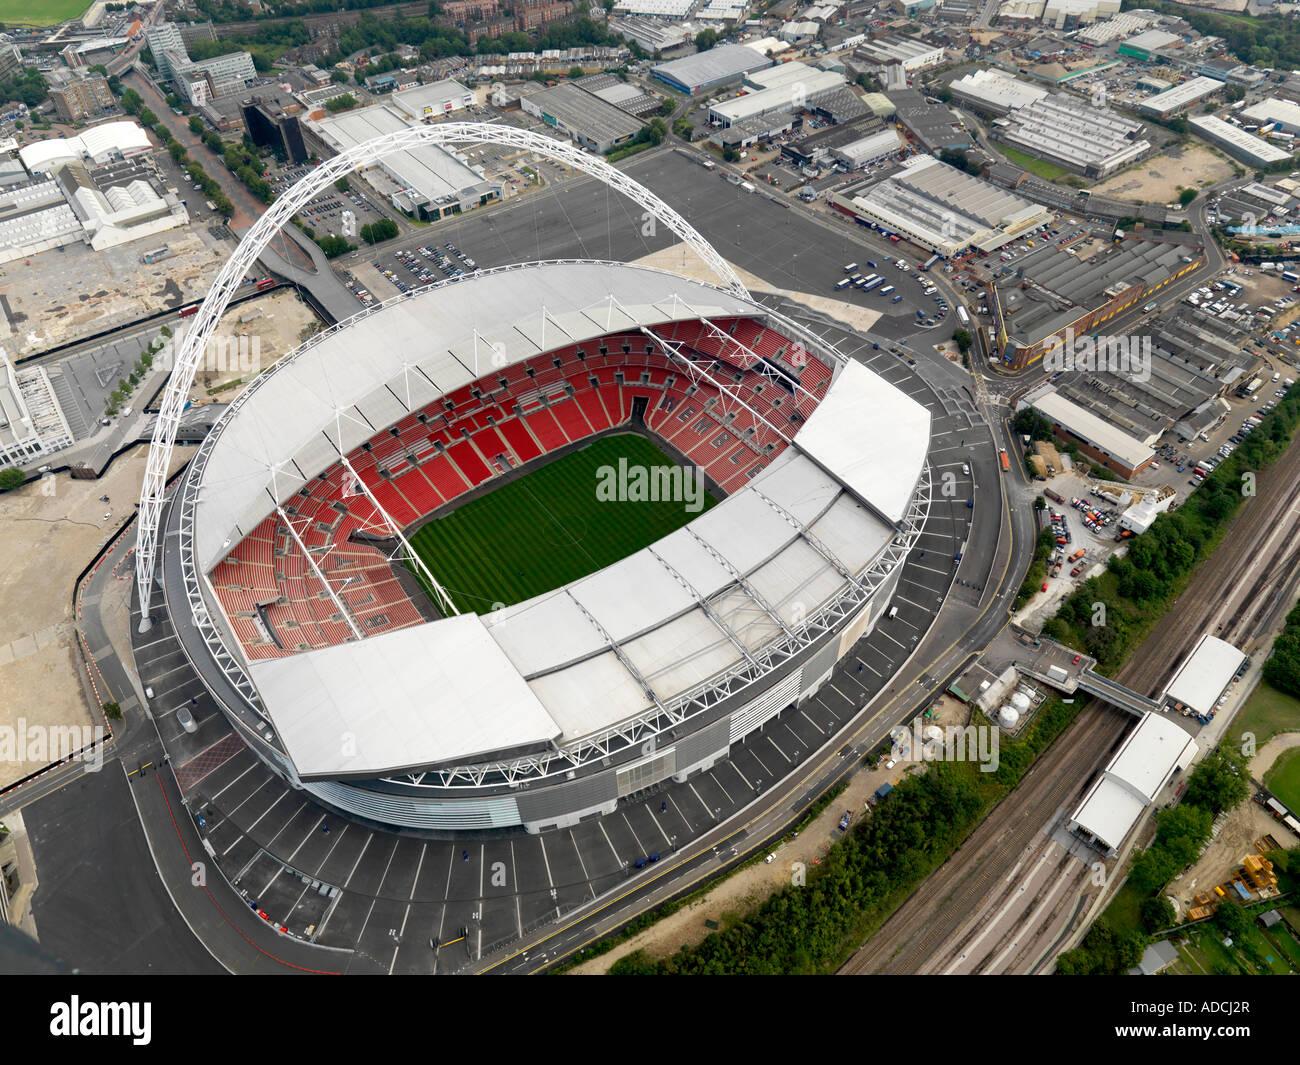 Aerial shot of Wembley Stadium, London - Stock Image